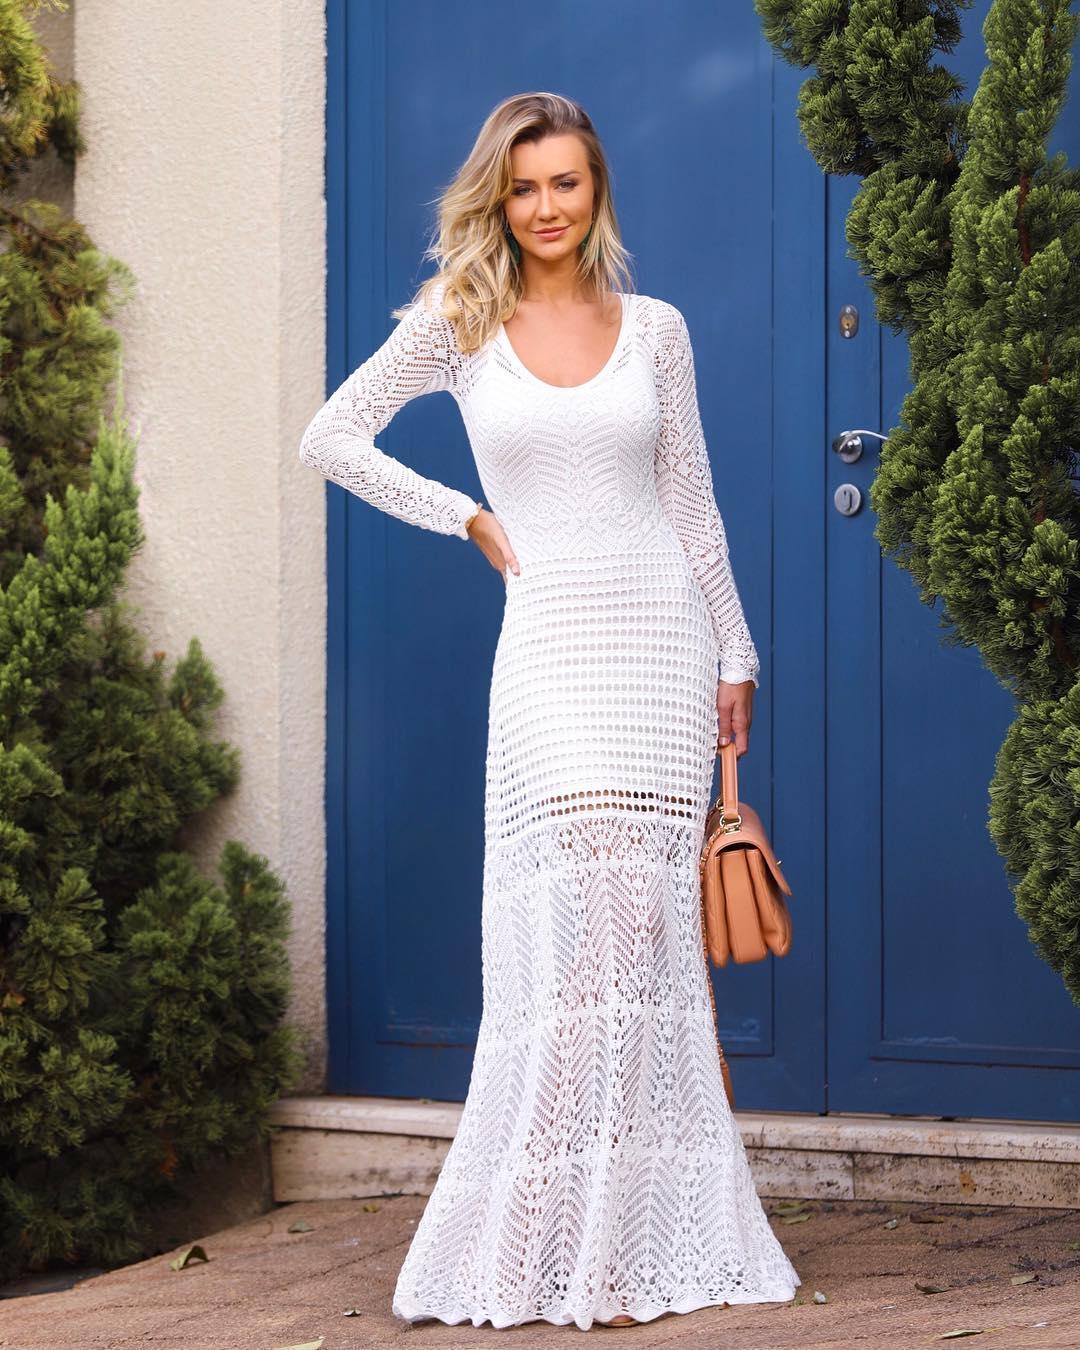 daab17ae5a Vestido para casamento civil  80 modelos lindos para esse dia especial